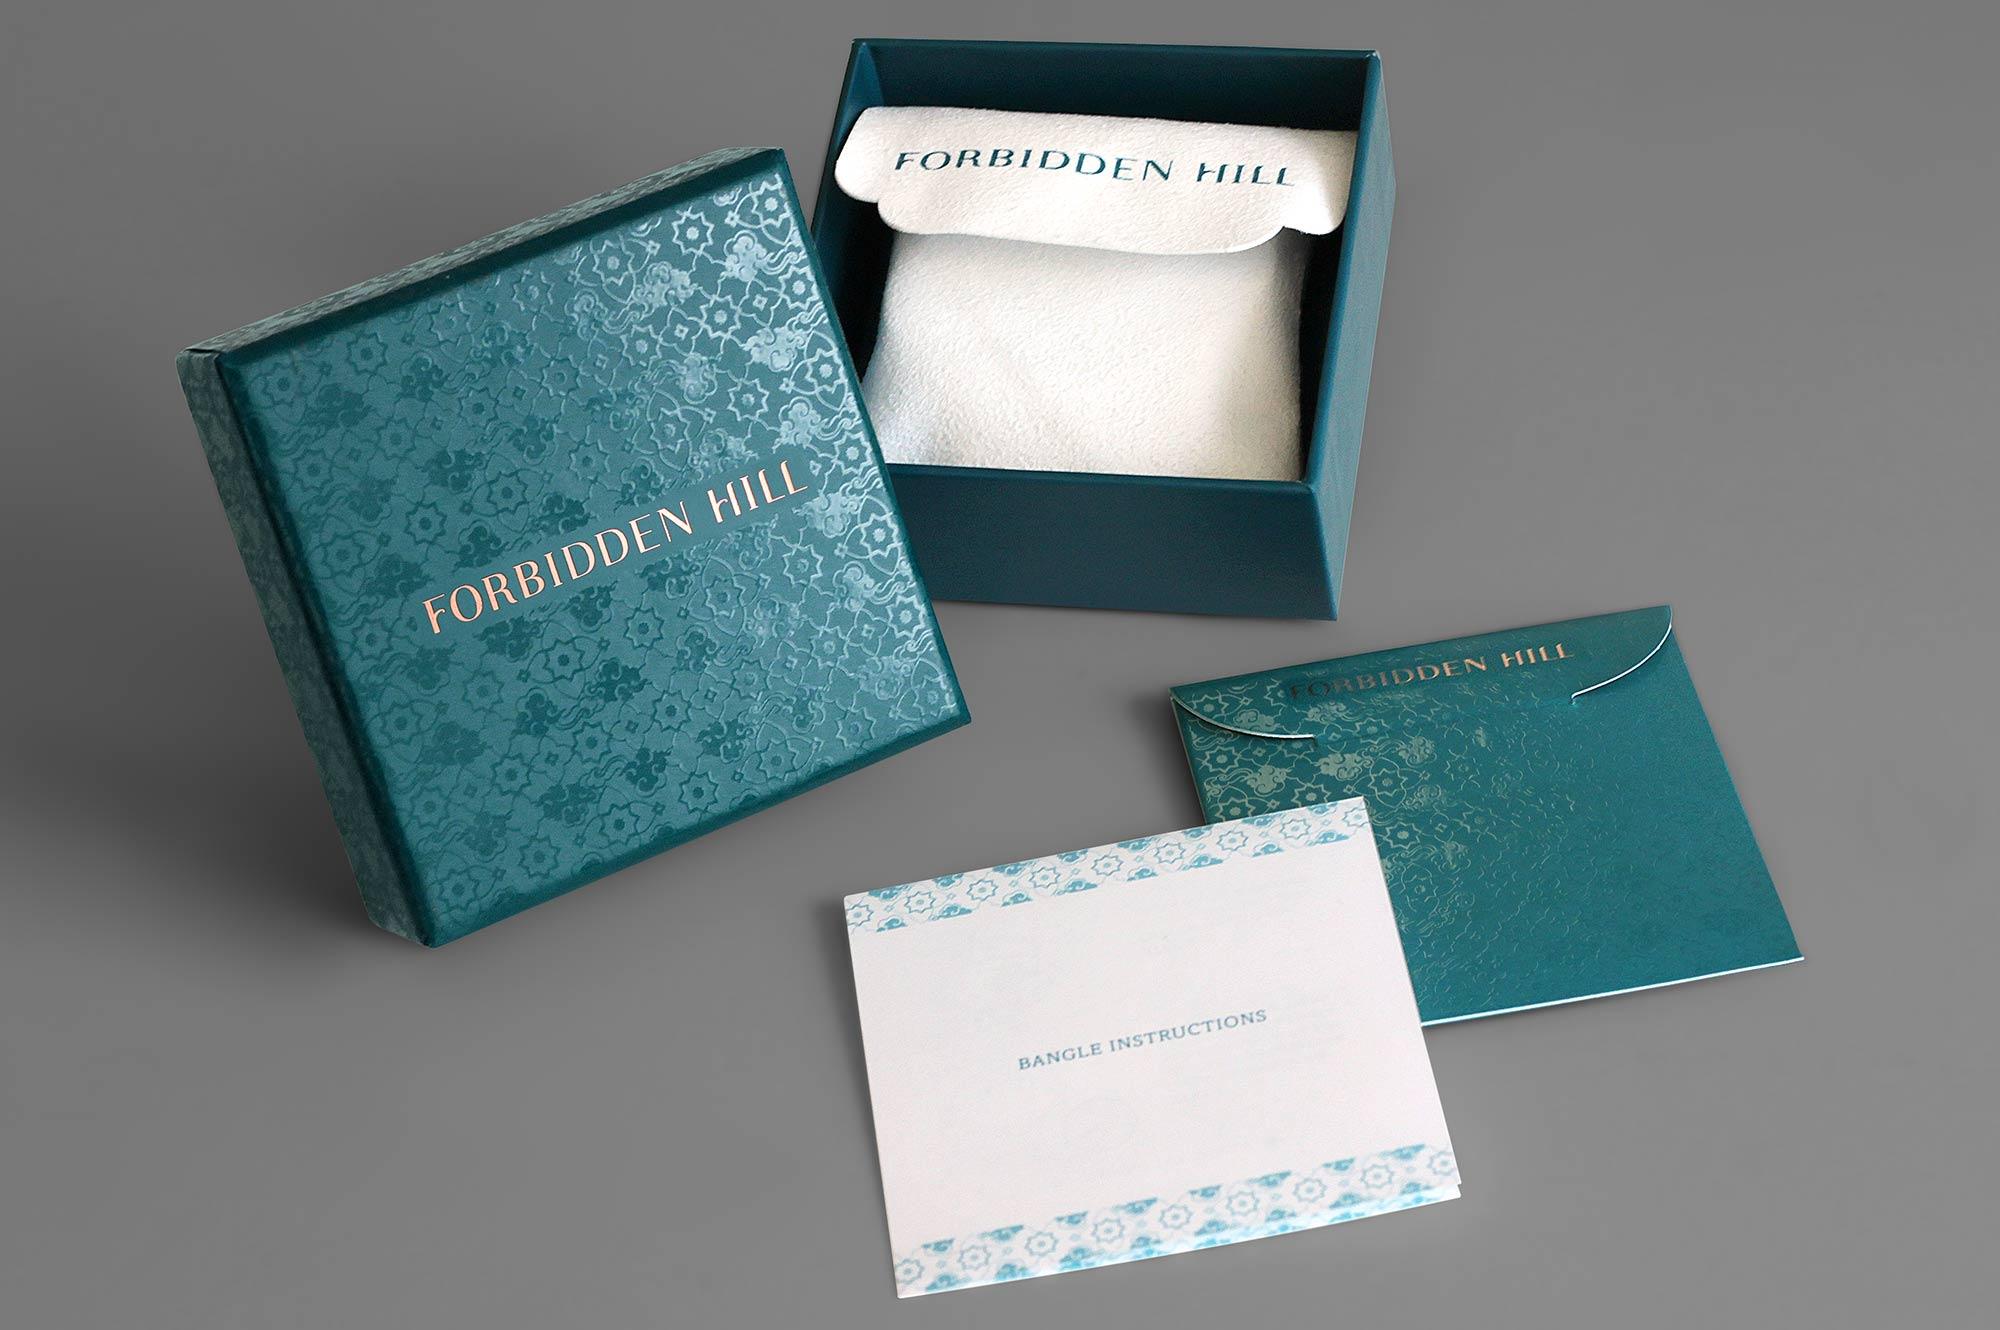 Forbidden Hill Box Packaging Design